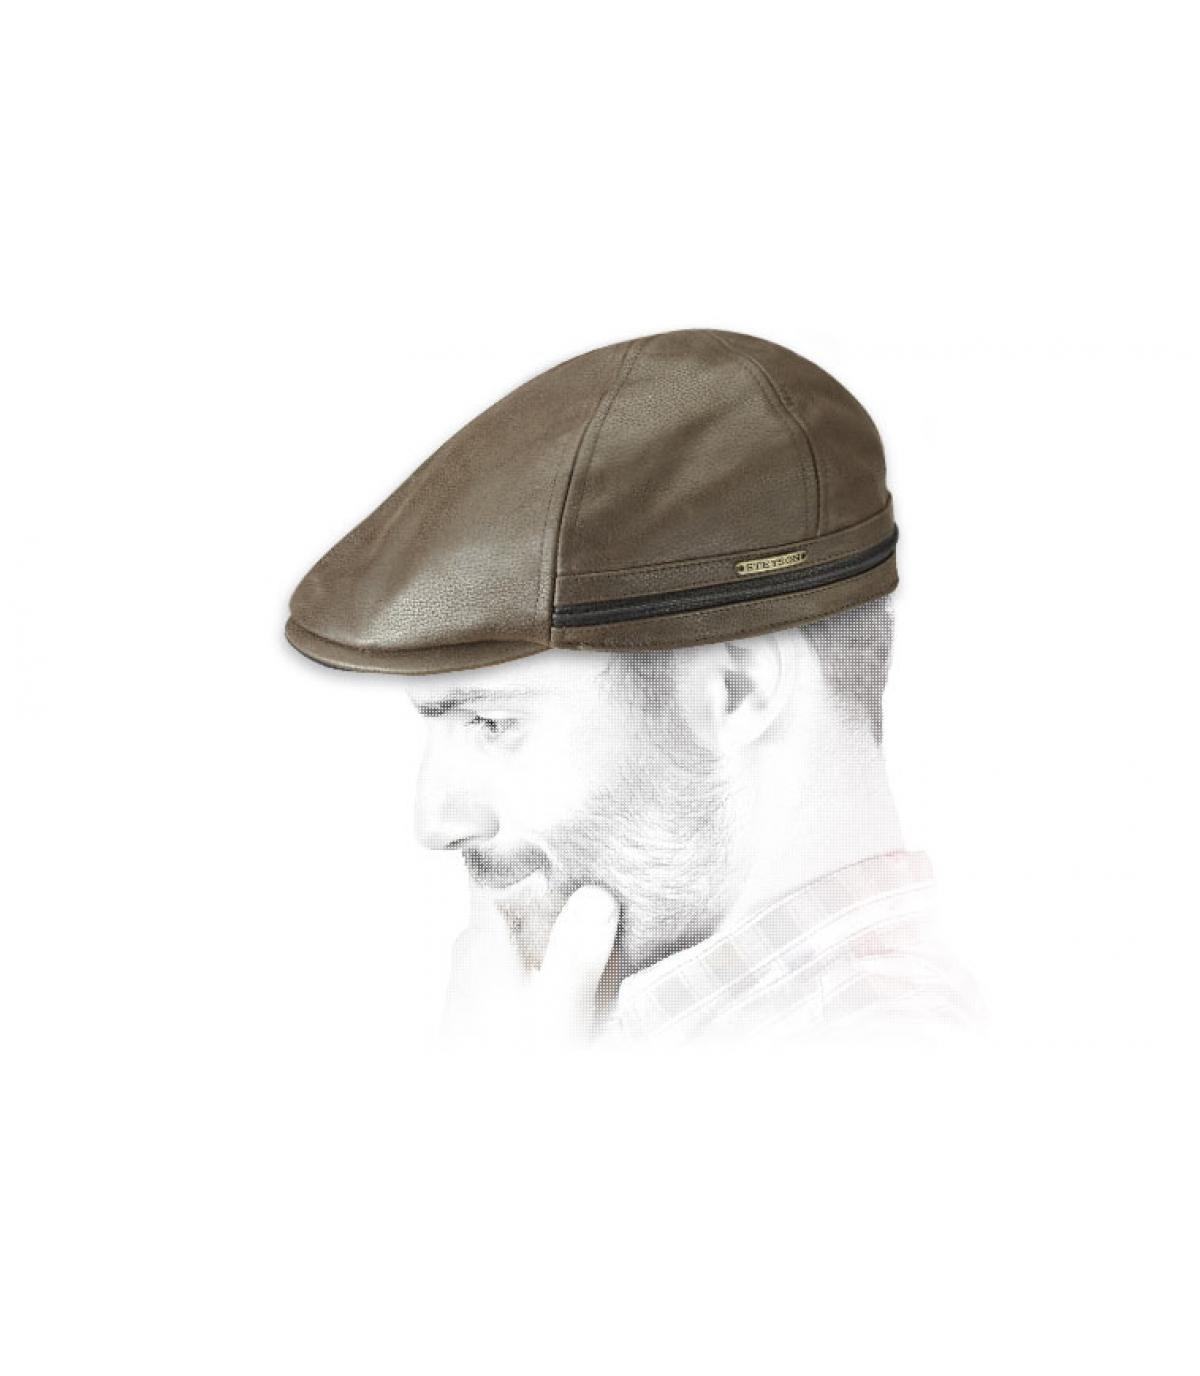 Detalles Redding Earflap Cowhide brown imagen 4